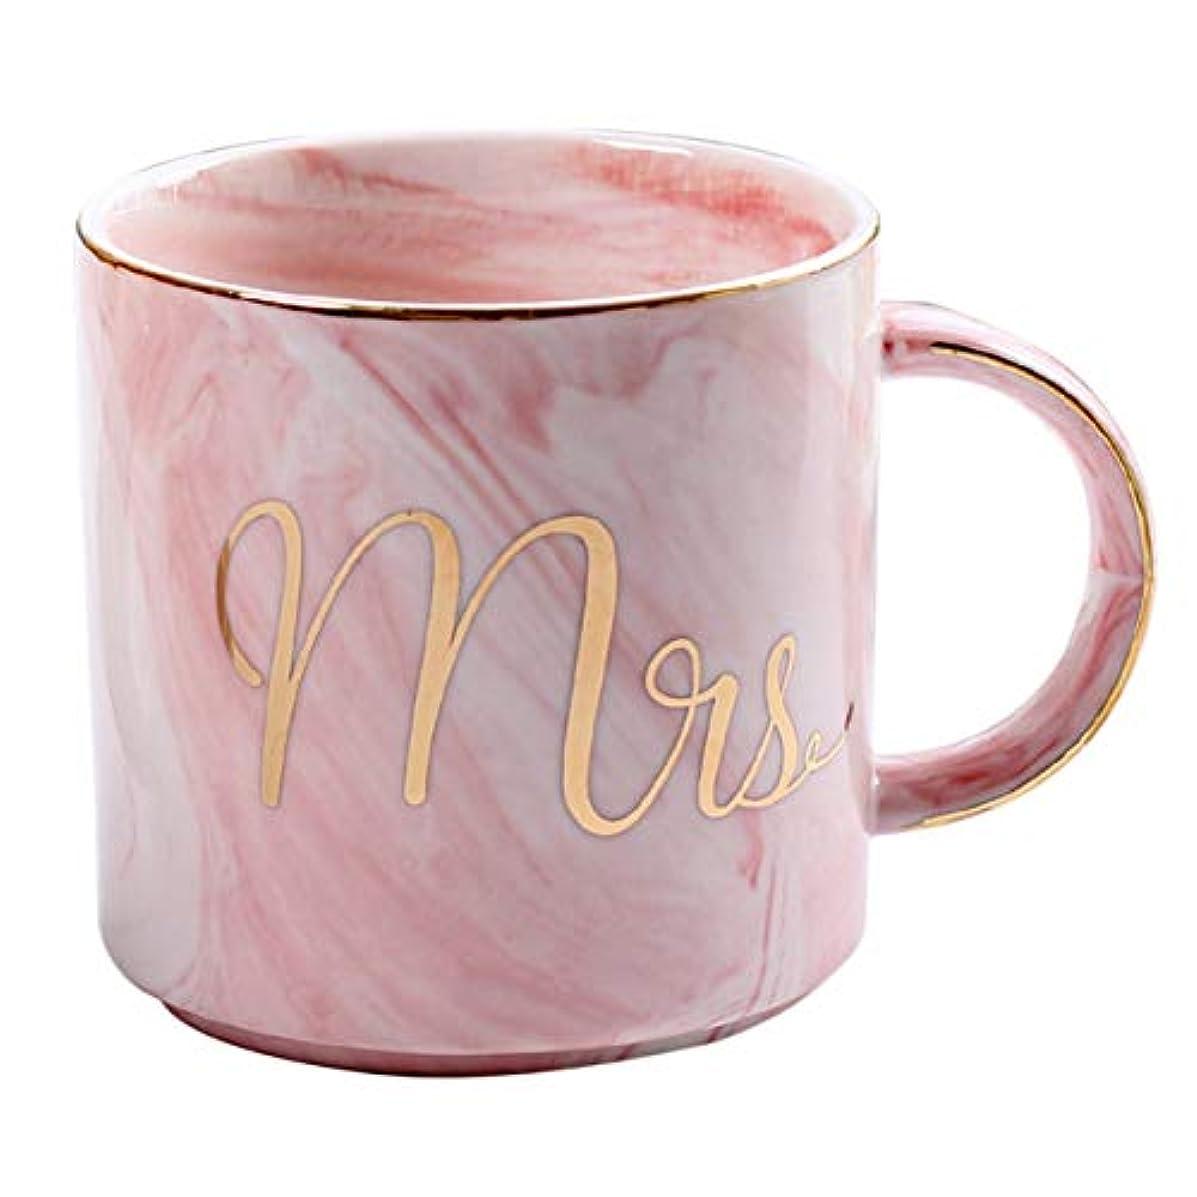 乱気流発掘現実にはSaikogoods 愛好家のためのホームオフィスベストギフトのための美しいMarbelパターンセラミック水マグレタープリントコーヒーカップ ピンク